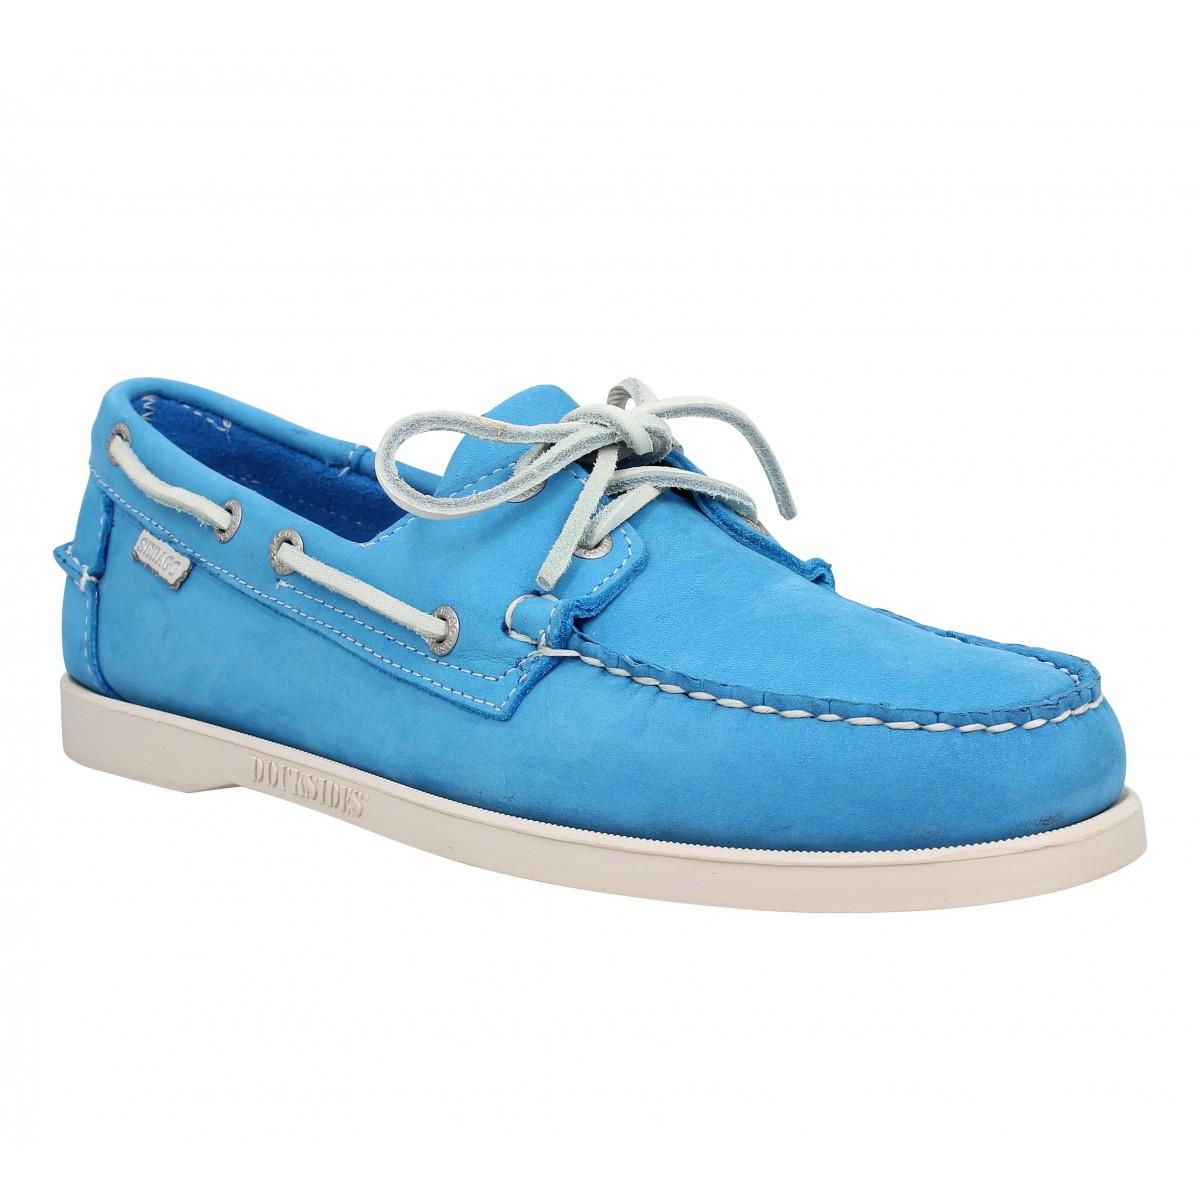 Chaussures bateaux SEBAGO Docksides velours Homme Aqua